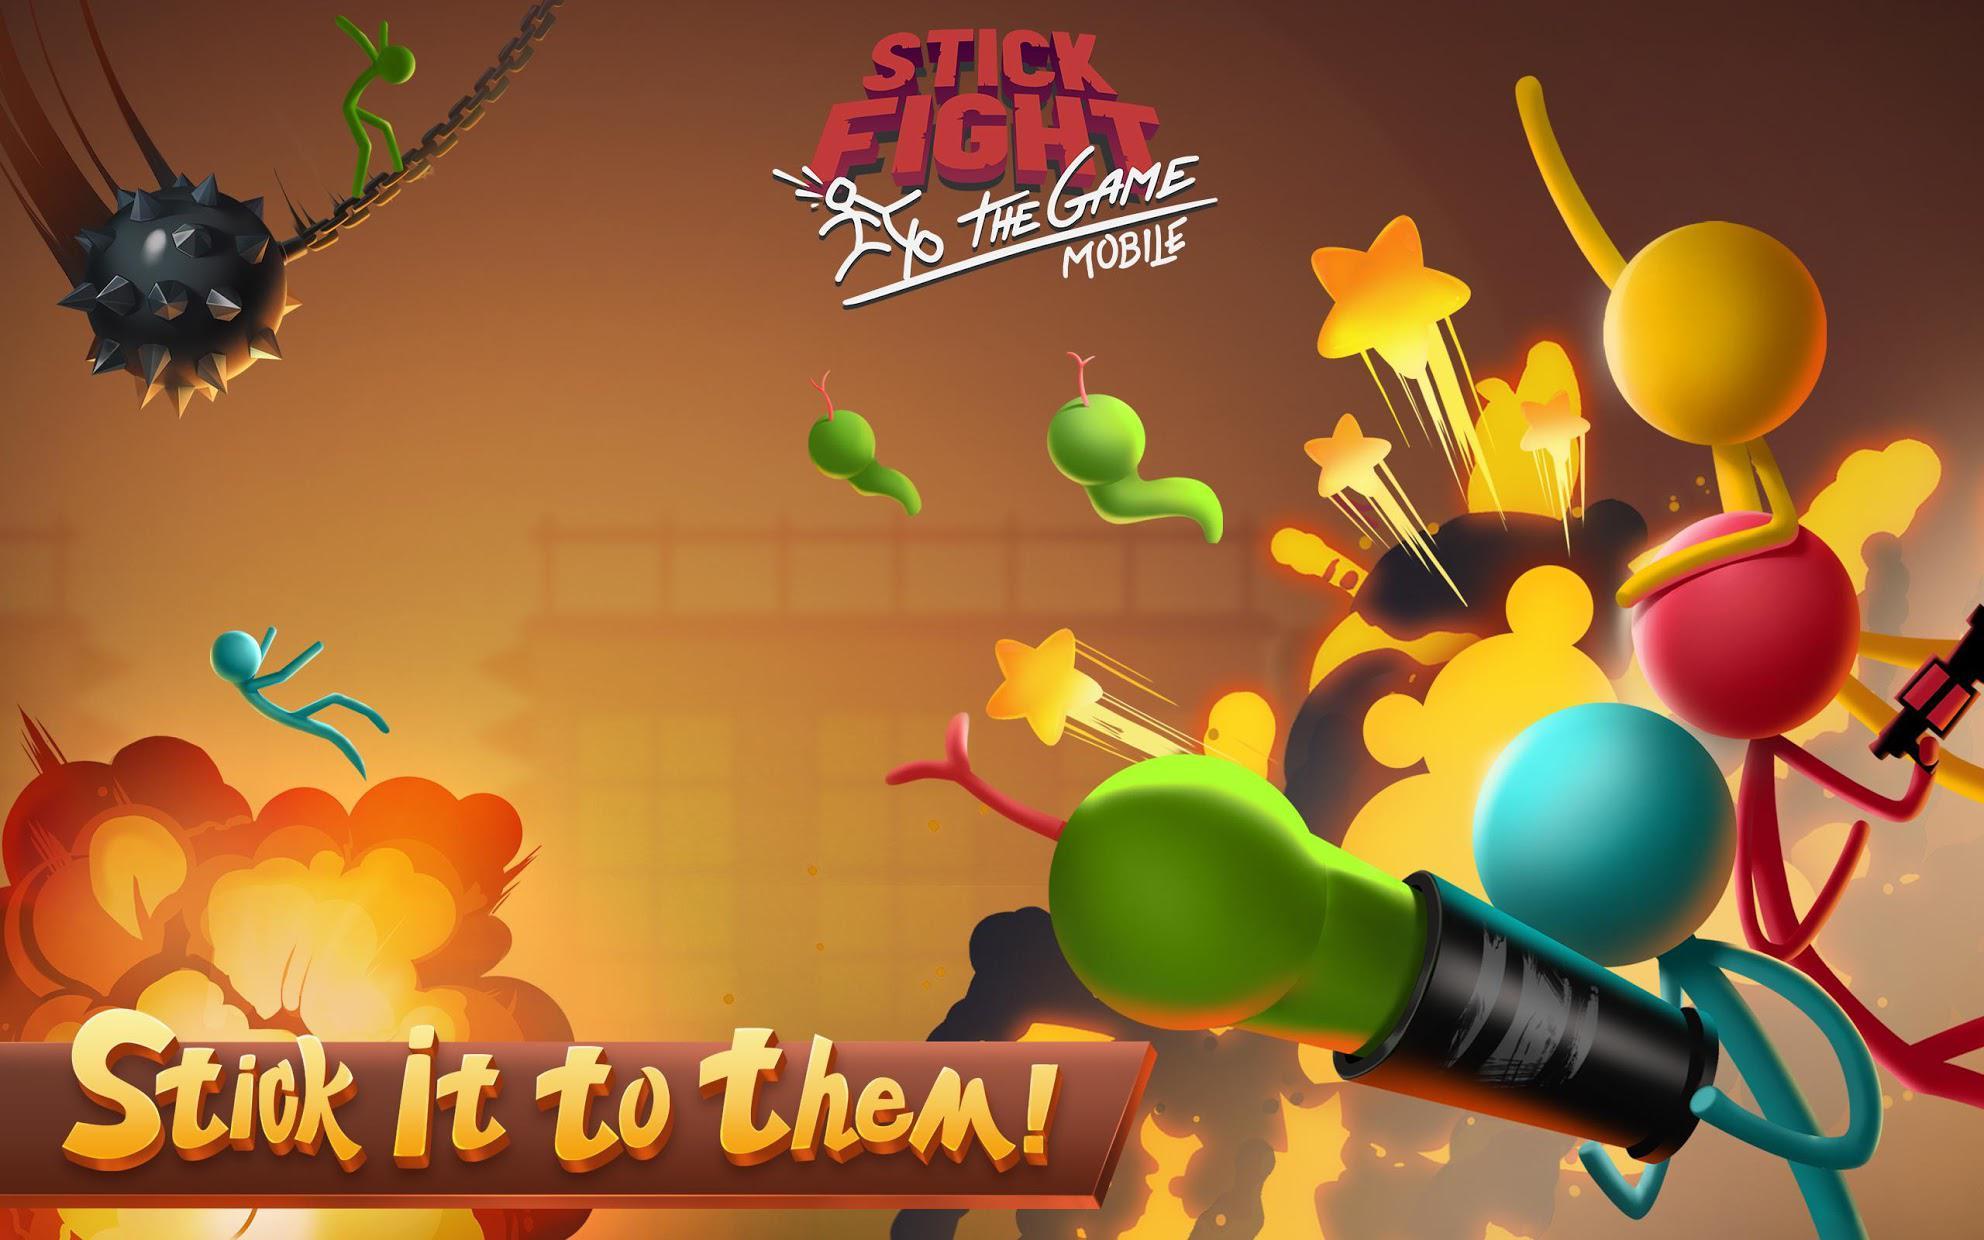 逗斗火柴人(Stick Fight: The Game Mobile) 游戏截图1